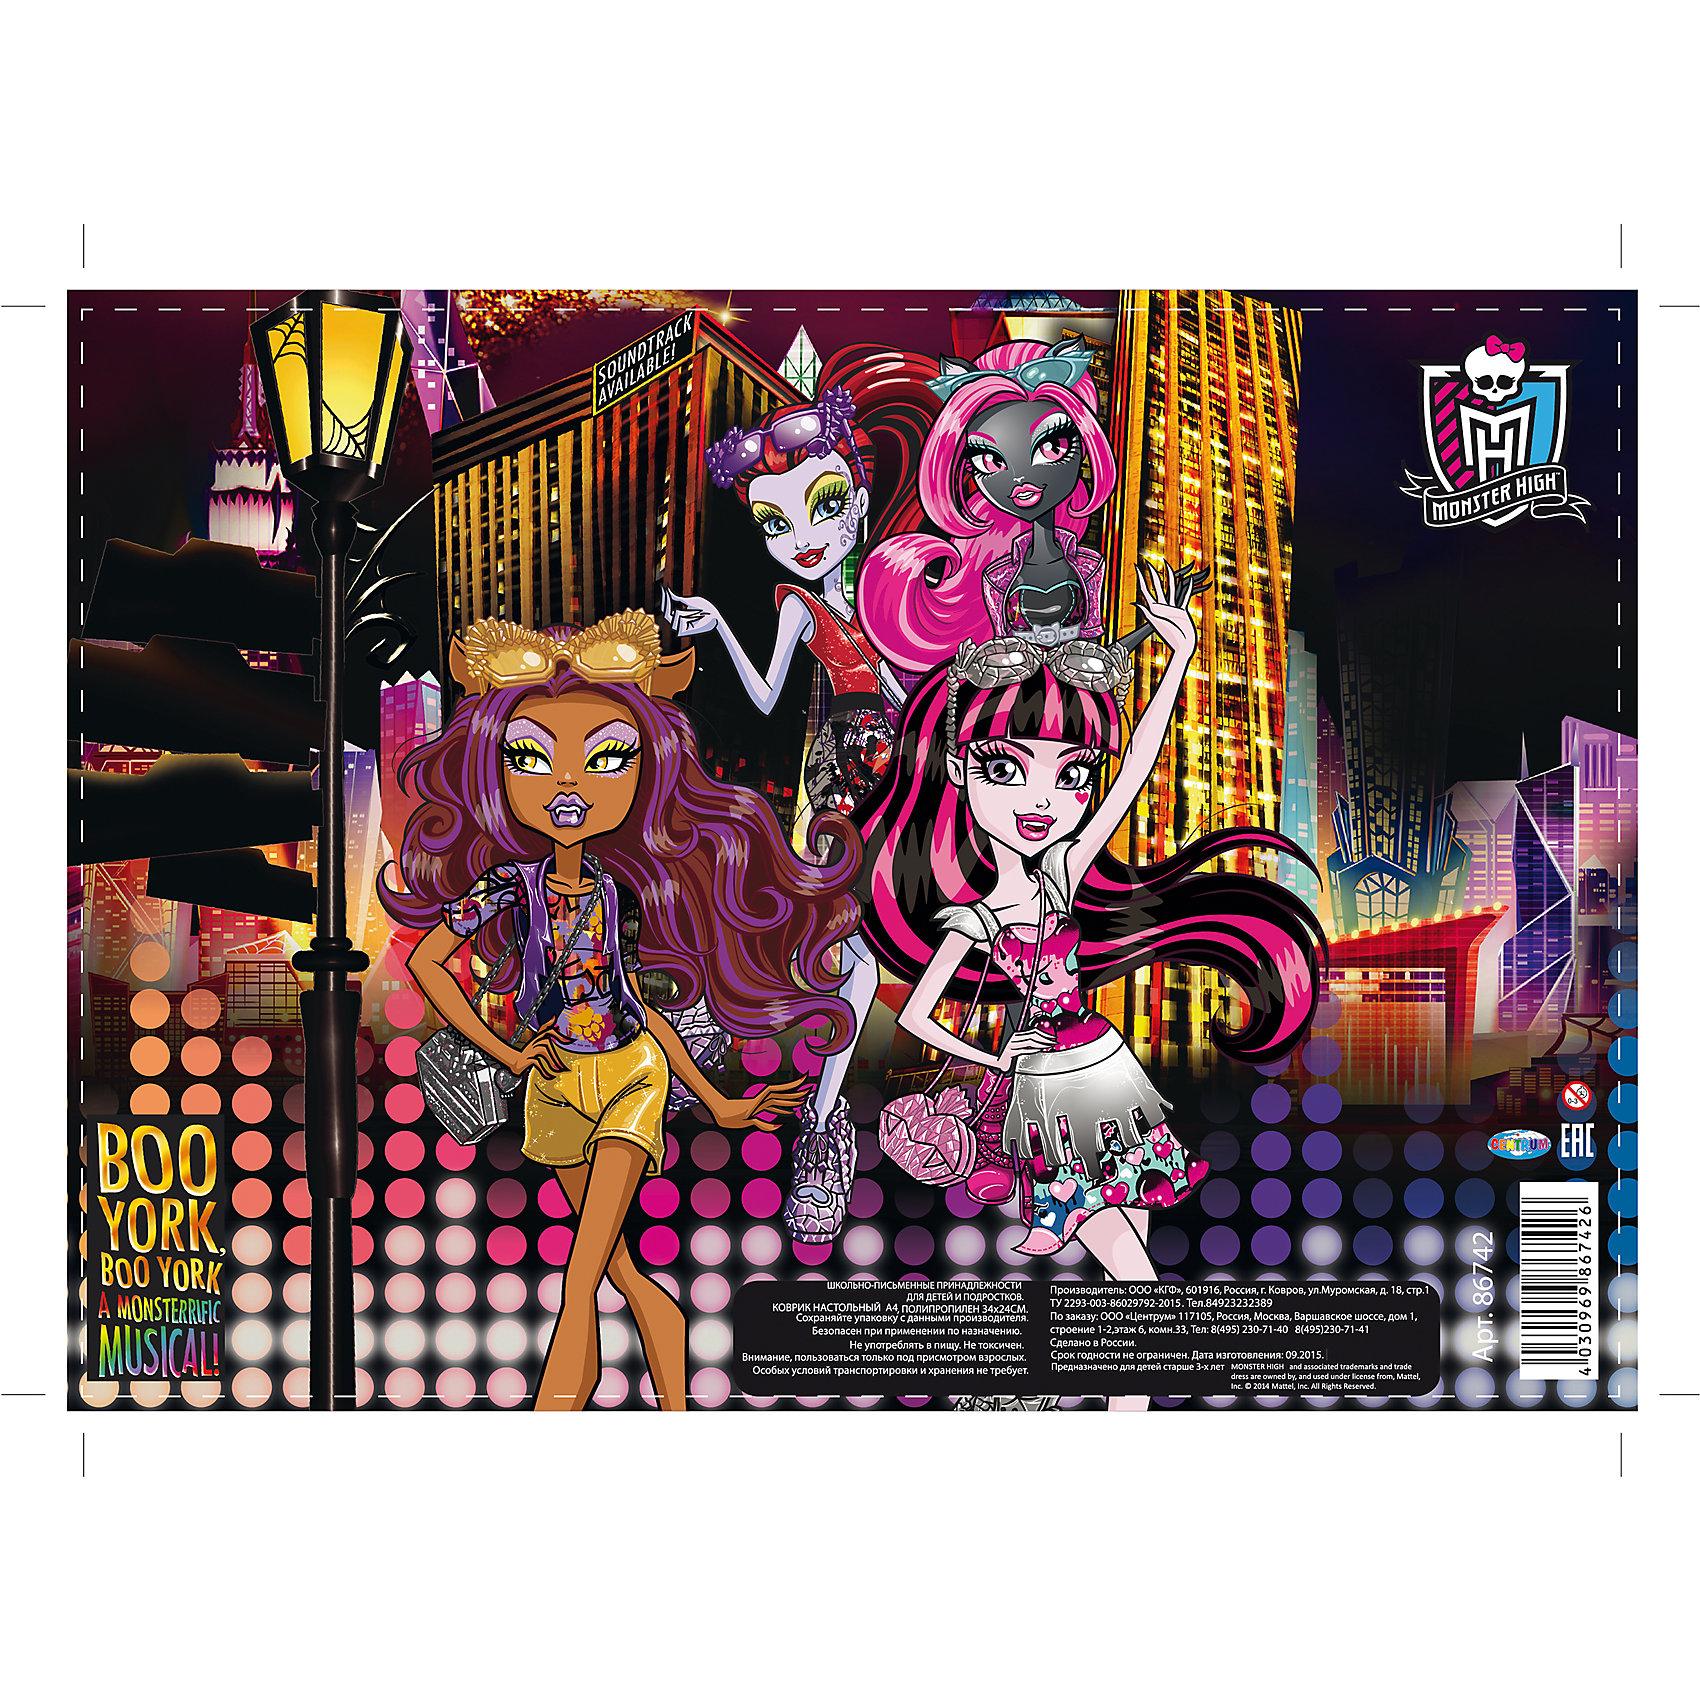 Покрытие на стол Boo York 34*24 см, Monster HighMonster High<br>Все дети обожают творчество!  Краски, фломастеры, пластилин, клей - все это в результате оставляет следы на поверхности стола, постепенно приводя его в негодность.  Яркое покрытие на стол Мonster High  Boo York с  изображением любимых героев поднимет Вашему ребенку настроение и подарит  радость творчества, а родителям позволит сохранить спокойствие и сберечь семейный бюджет. С помощью покрытия на стол Мonster High  Boo York легко приучить ребенка к аккуратности - ведь ухаживать за ним так просто! Изделие выполнено из высококачественного полипропилена, пригодного для использования в жилых помещениях, школах, детских садах и больницах, легко моется и сохраняет яркие цвета. <br><br>Дополнительная информация:<br>- материал: полипропилен<br>- размер: 34х24 см<br><br> Покрытие на стол Мonster High  Boo York можно купить в нашем интернет-магазине.<br><br>Ширина мм: 1<br>Глубина мм: 340<br>Высота мм: 240<br>Вес г: 50<br>Возраст от месяцев: 36<br>Возраст до месяцев: 144<br>Пол: Женский<br>Возраст: Детский<br>SKU: 4616076